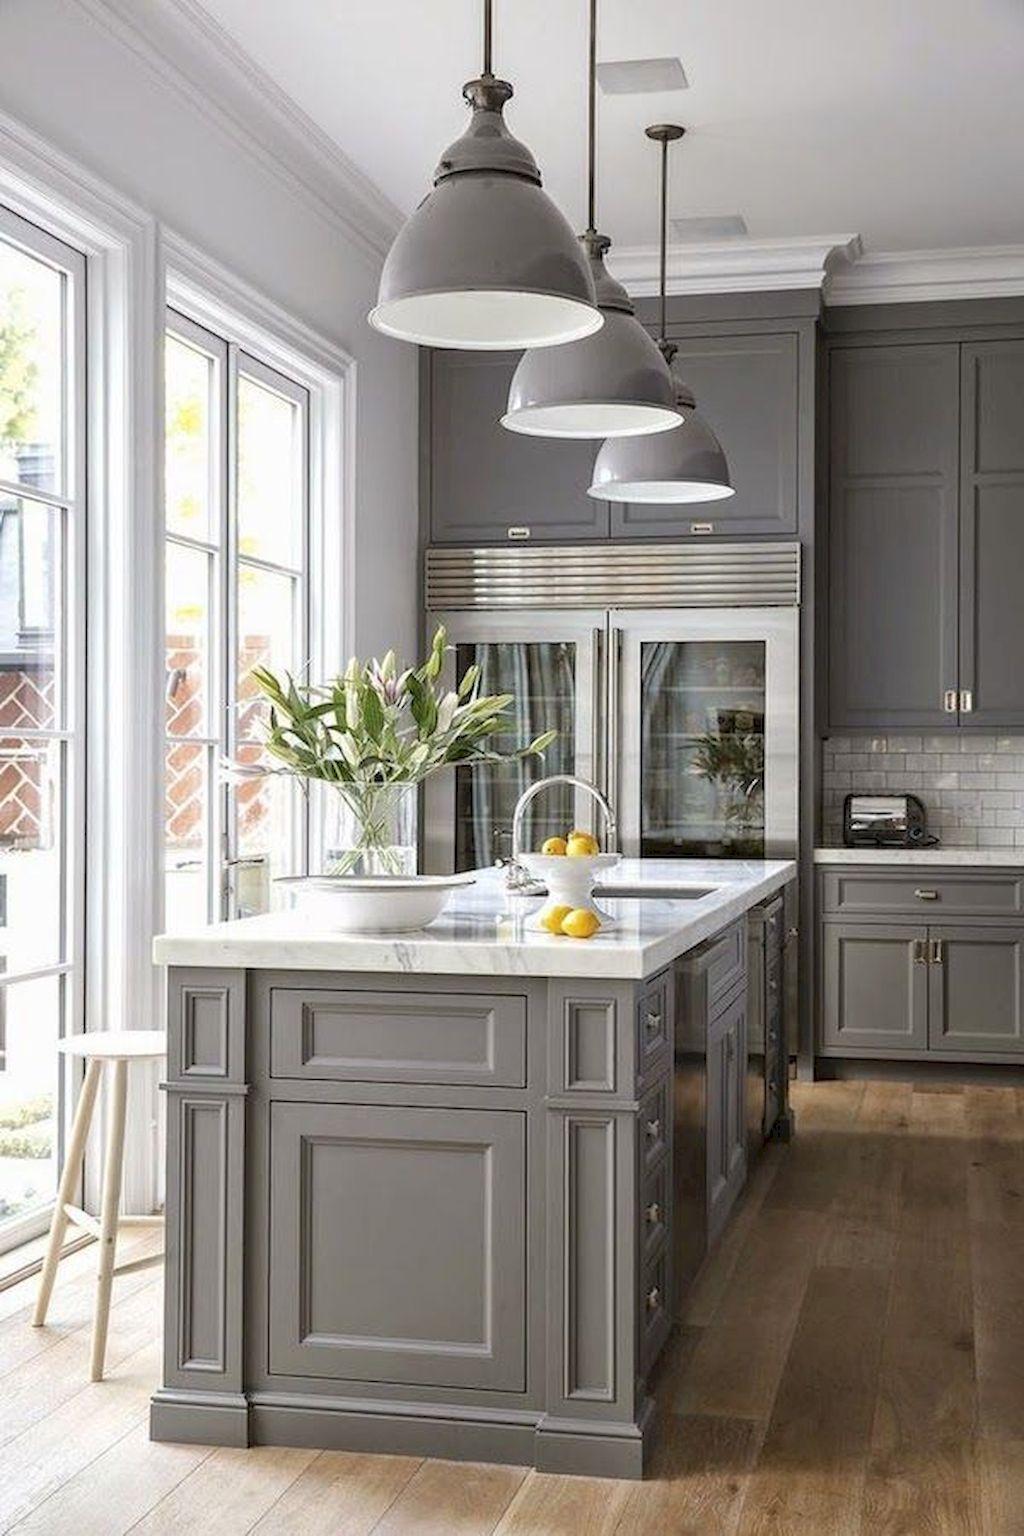 24 Amazing Gray Kitchen Cabinet Design Ideas  Grey kitchen